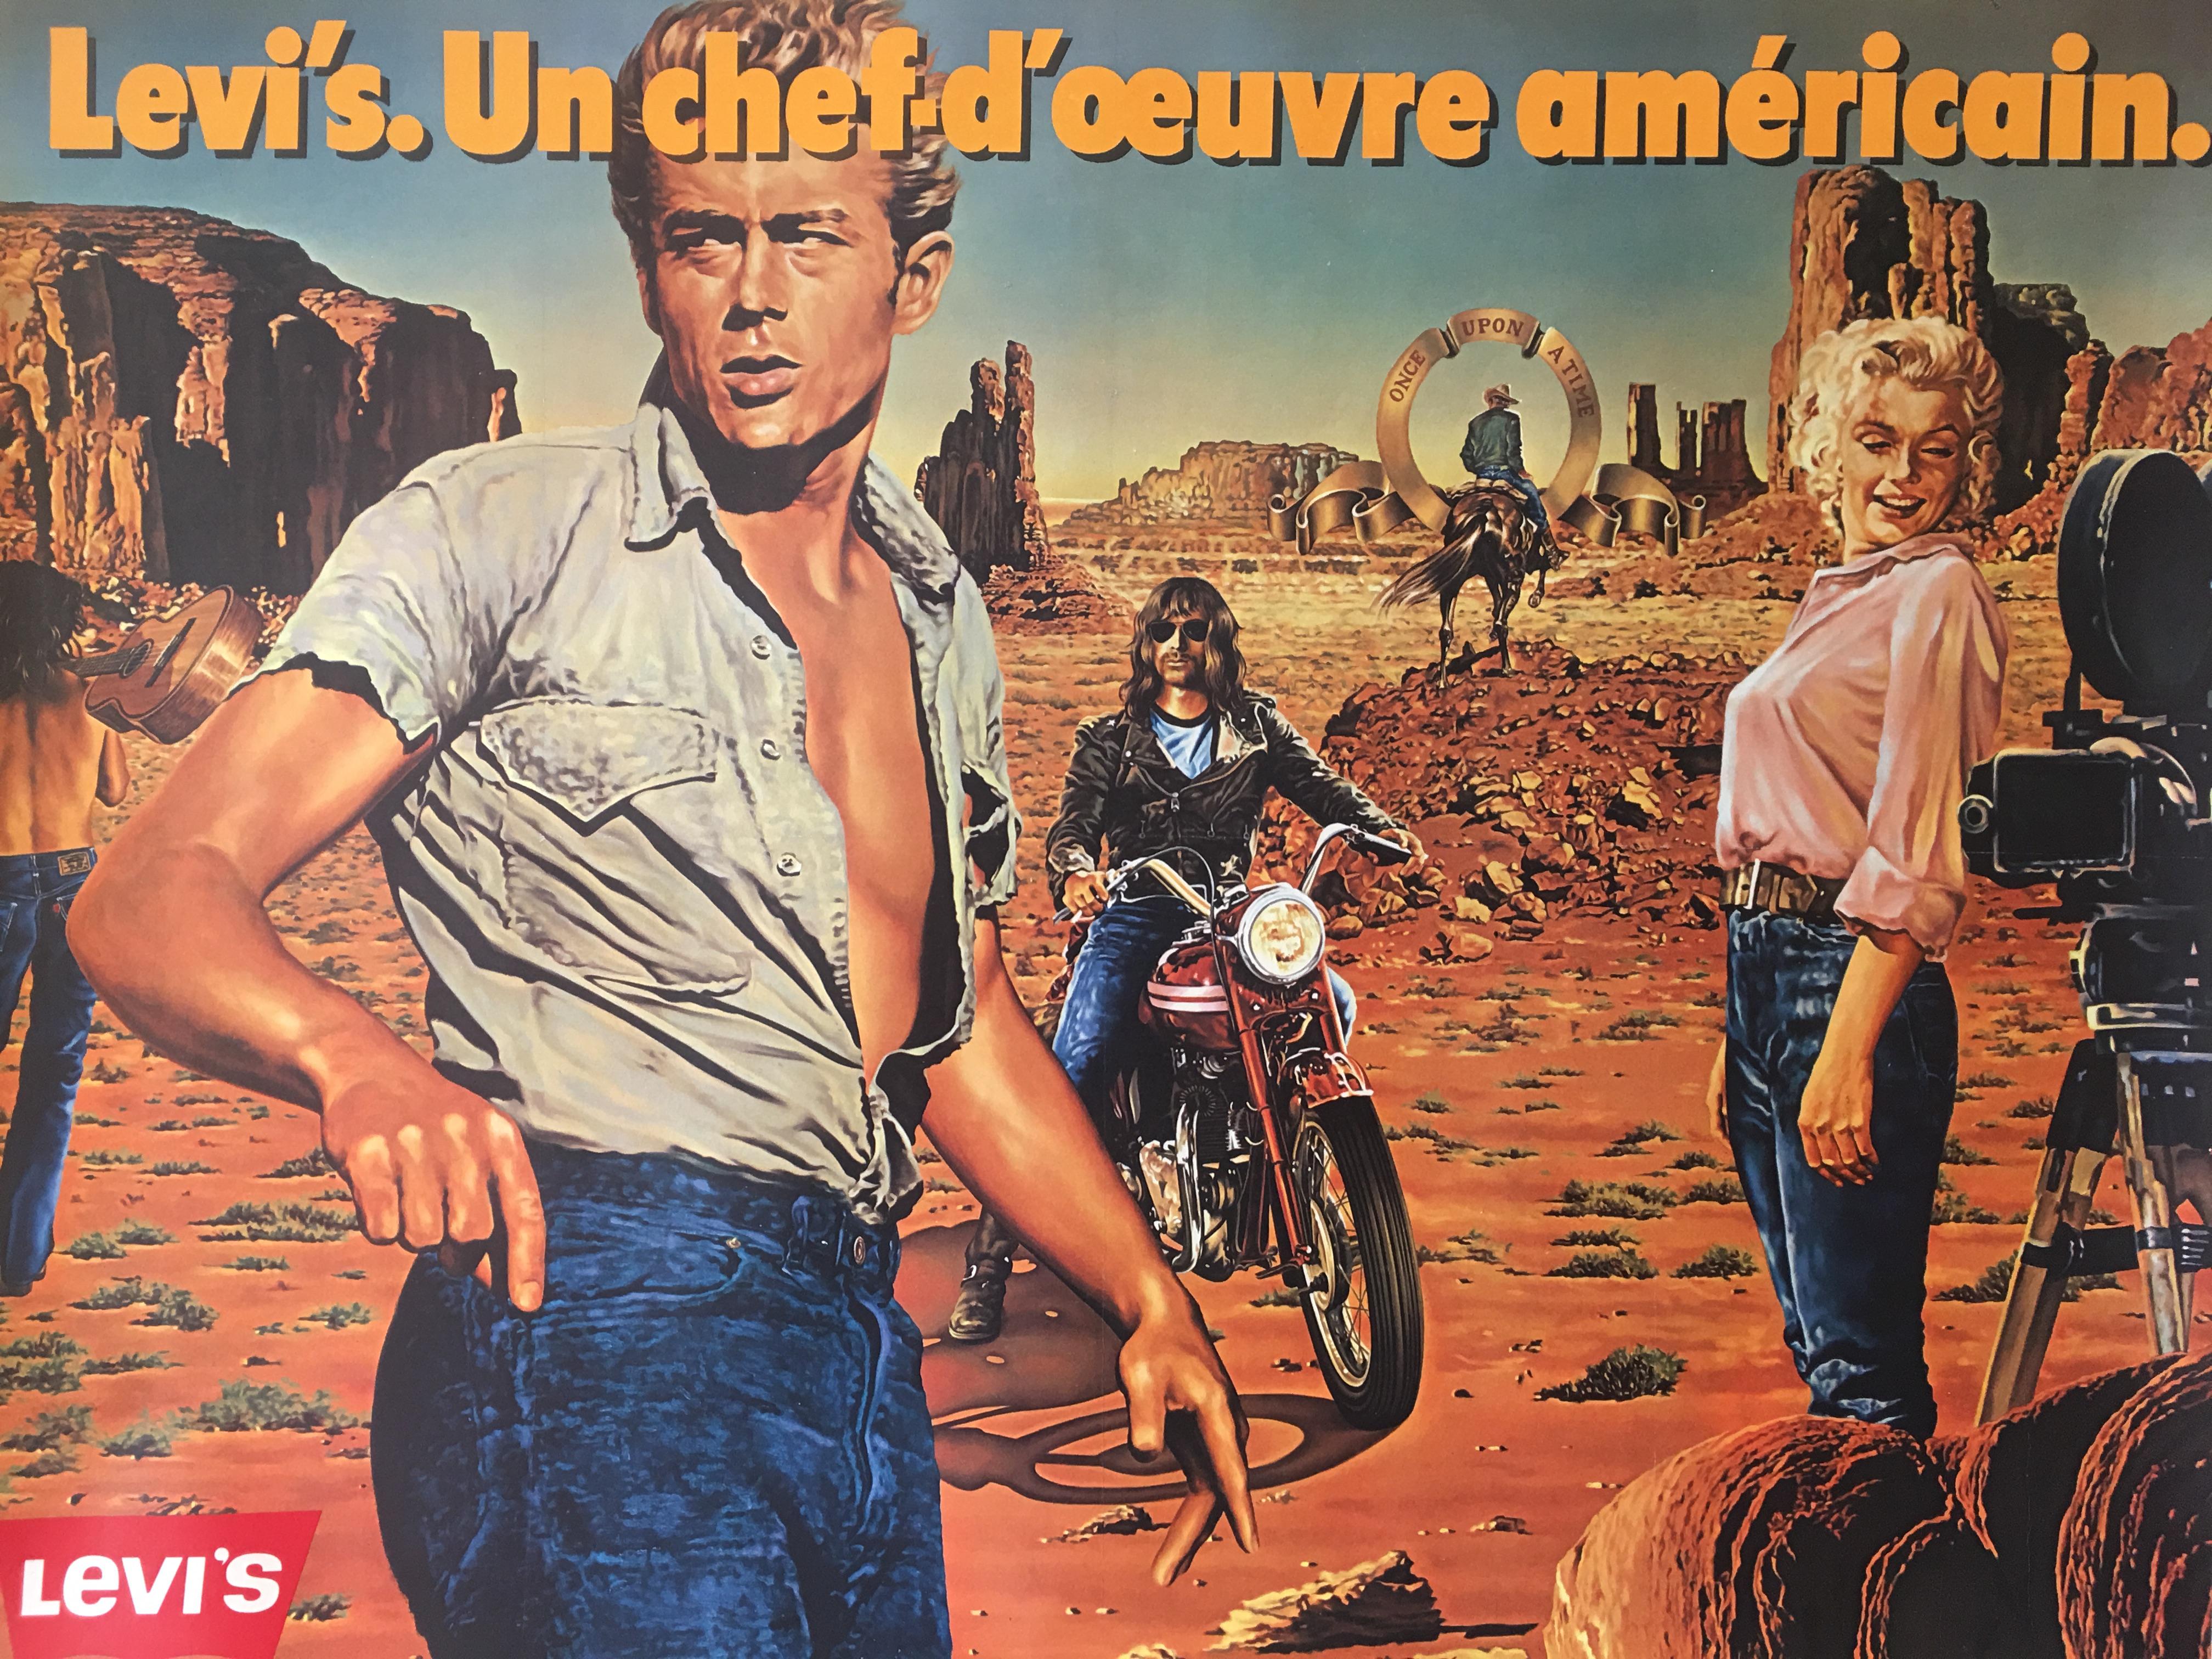 Levi's. Un chef d'oeuvre americain Original Vintage Poster